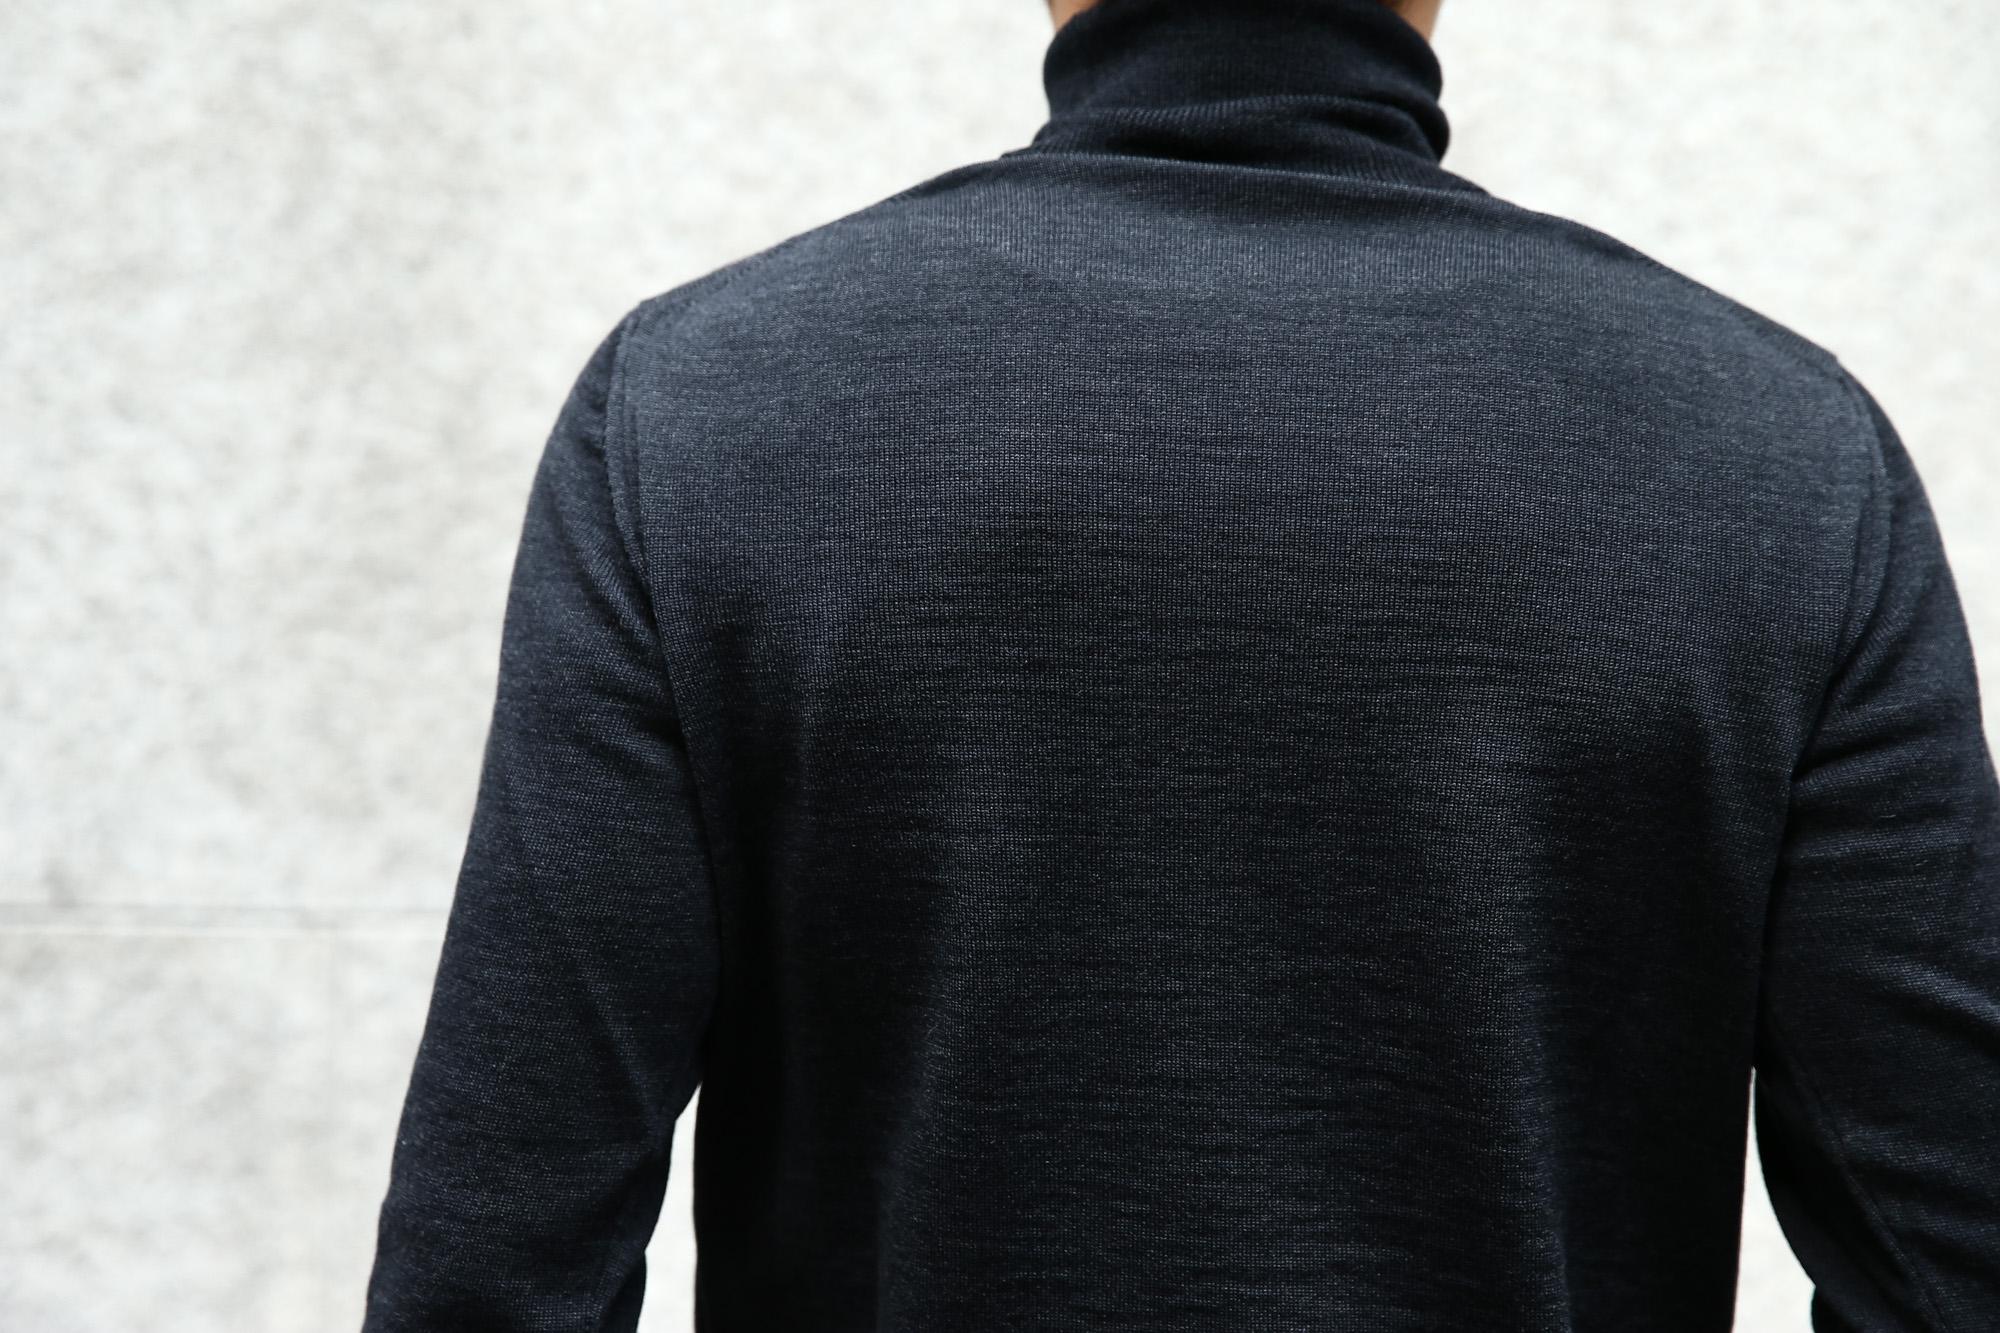 【ZANONE / ザノーネ】 Turtle Neck Sweater タートルネックセーター VIRGIN WOOL 100% ヴァージンウール100% ハイゲージウールニットセーター CHARCOAL (チャコール・Z0006) made in italy (イタリア製) 2017 秋冬新作 zanone ザノーネ タートルネック 愛知 名古屋 Alto e Diritto アルト エ デリット タートル